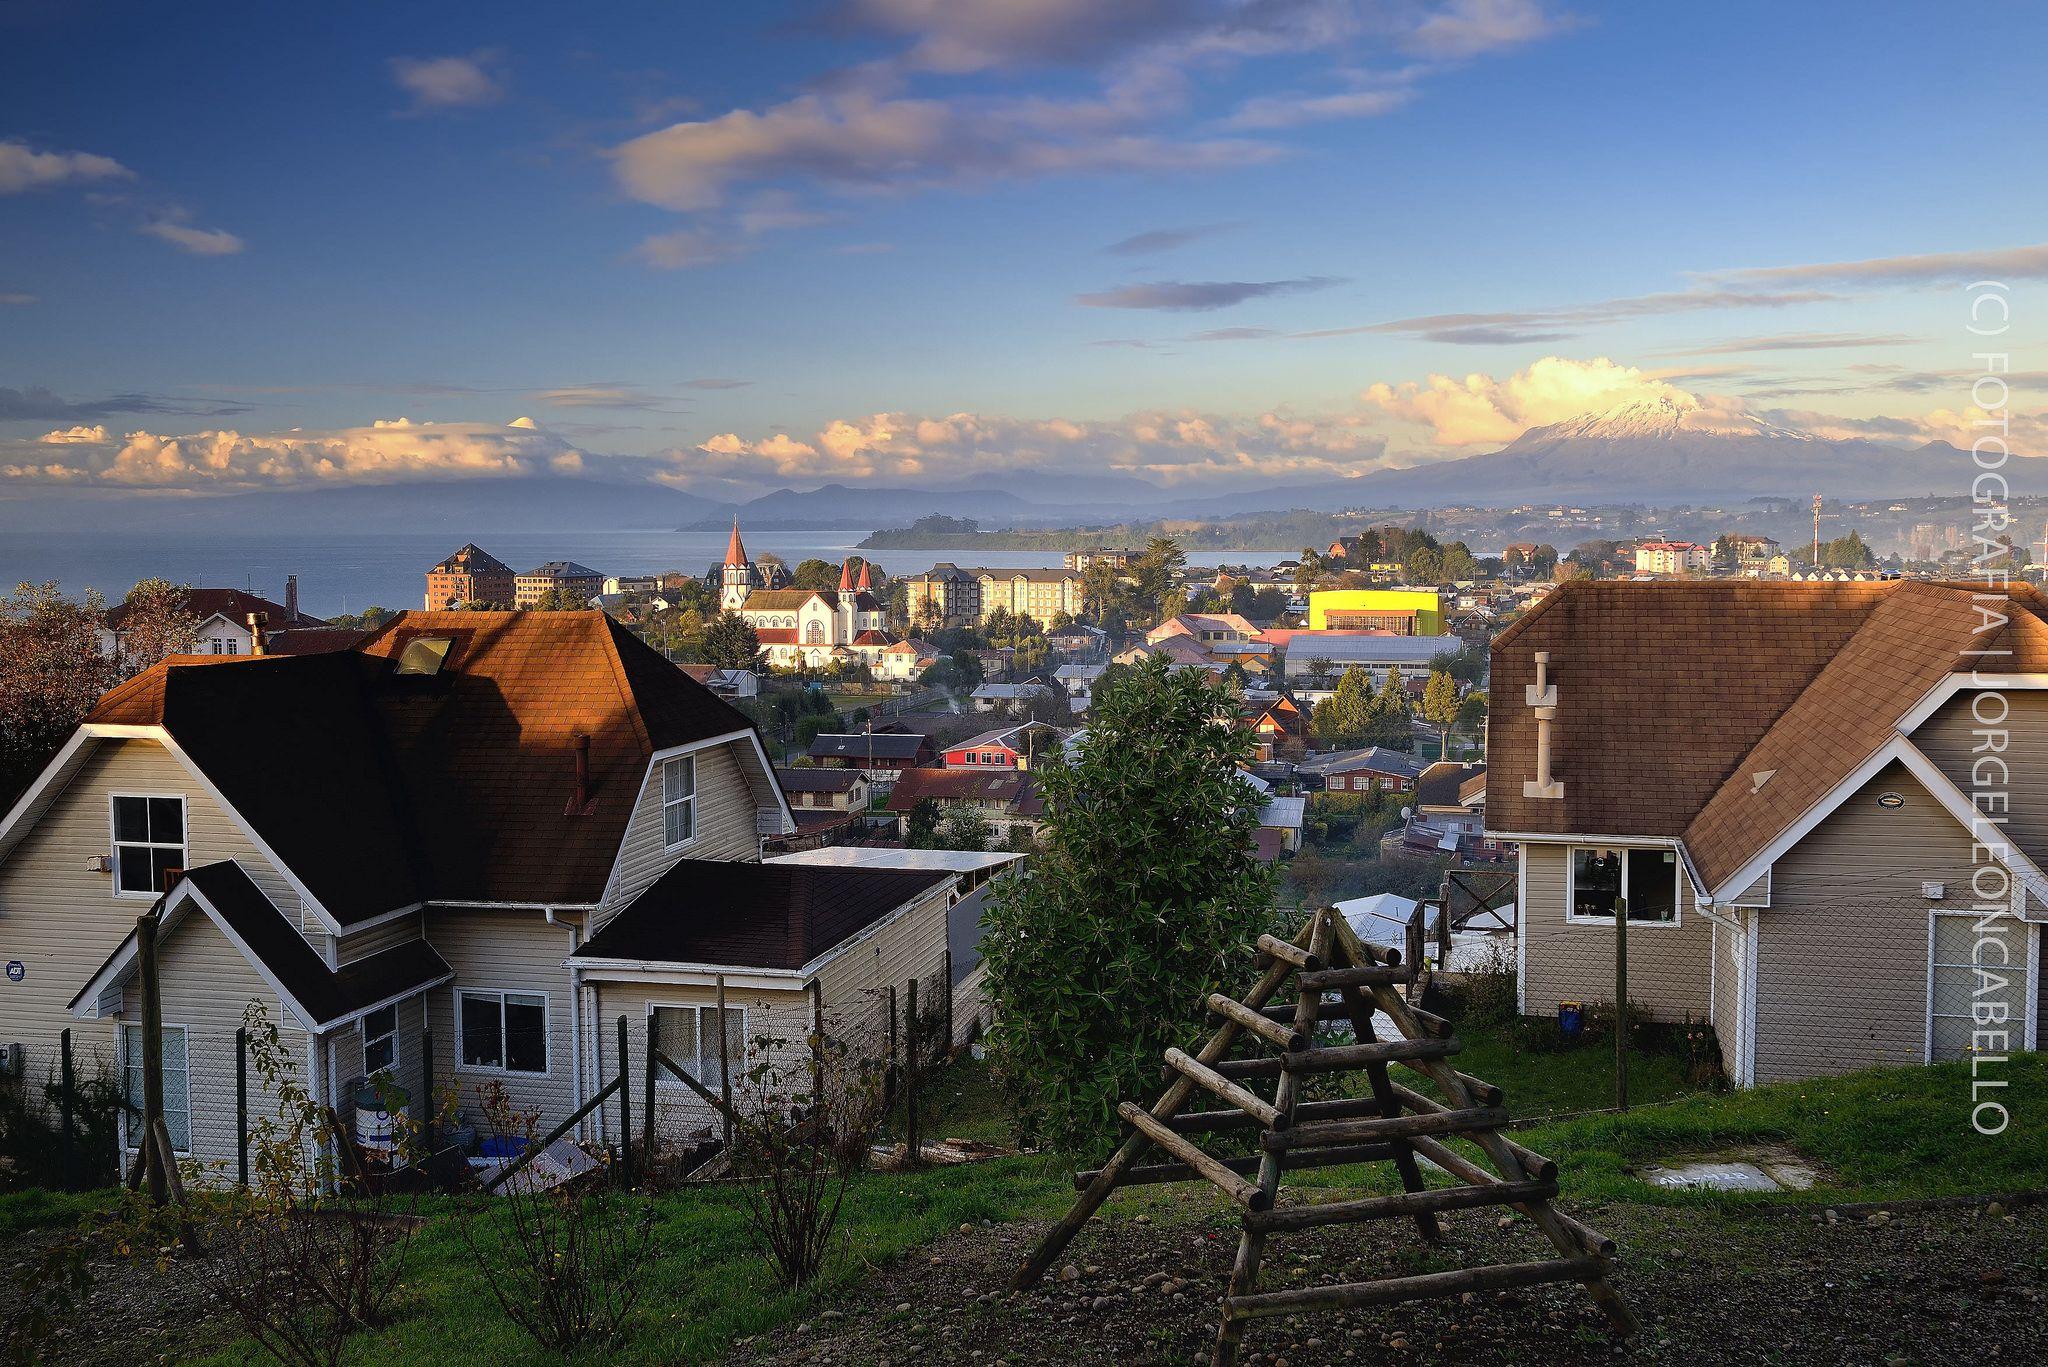 https://flic.kr/p/tmMsEC | Mirador de los volcanes - Puerto Varas (Patagonia - Chile) | Puerto Varas es la capital turistica del sur de Chile. Ubicada en la Provincia de Llanquihue en la Región de Los Lagos, a orillas del Lago Llanquihue a 1016 kms al sur de Santiago y a 20 kms al norte de Puerto Montt. La ciudad fue fundada en 1853 a partir de la colonizacion principalmente de emigrantes provenientes de Alemania y Suiza hoy cuenta con 32.000 habitantes. Destaca por su belleza escenica, o...